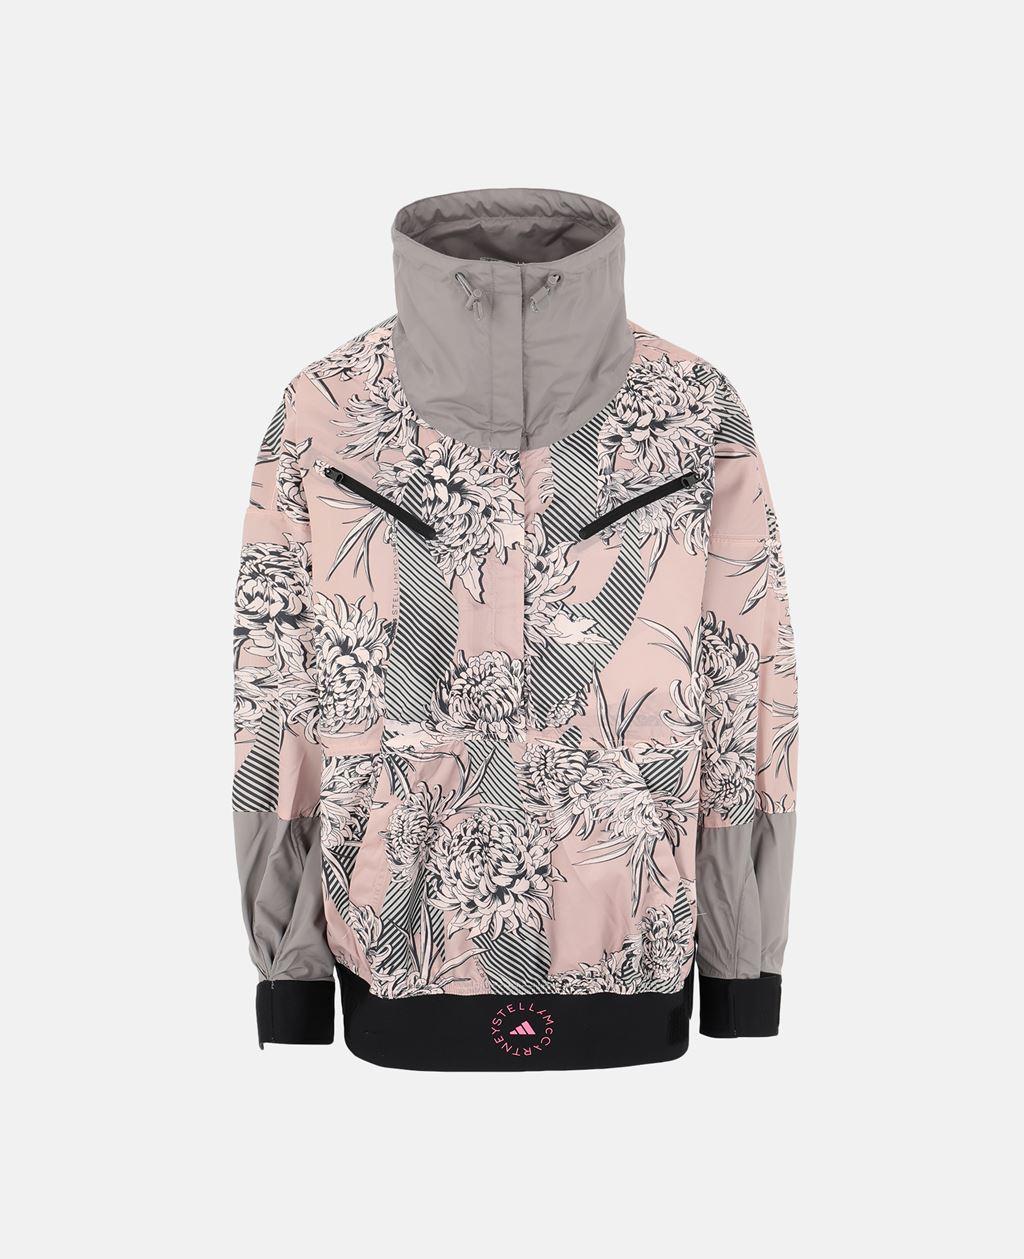 Stella McCartney Pink Future Playground Half-zip Jacket